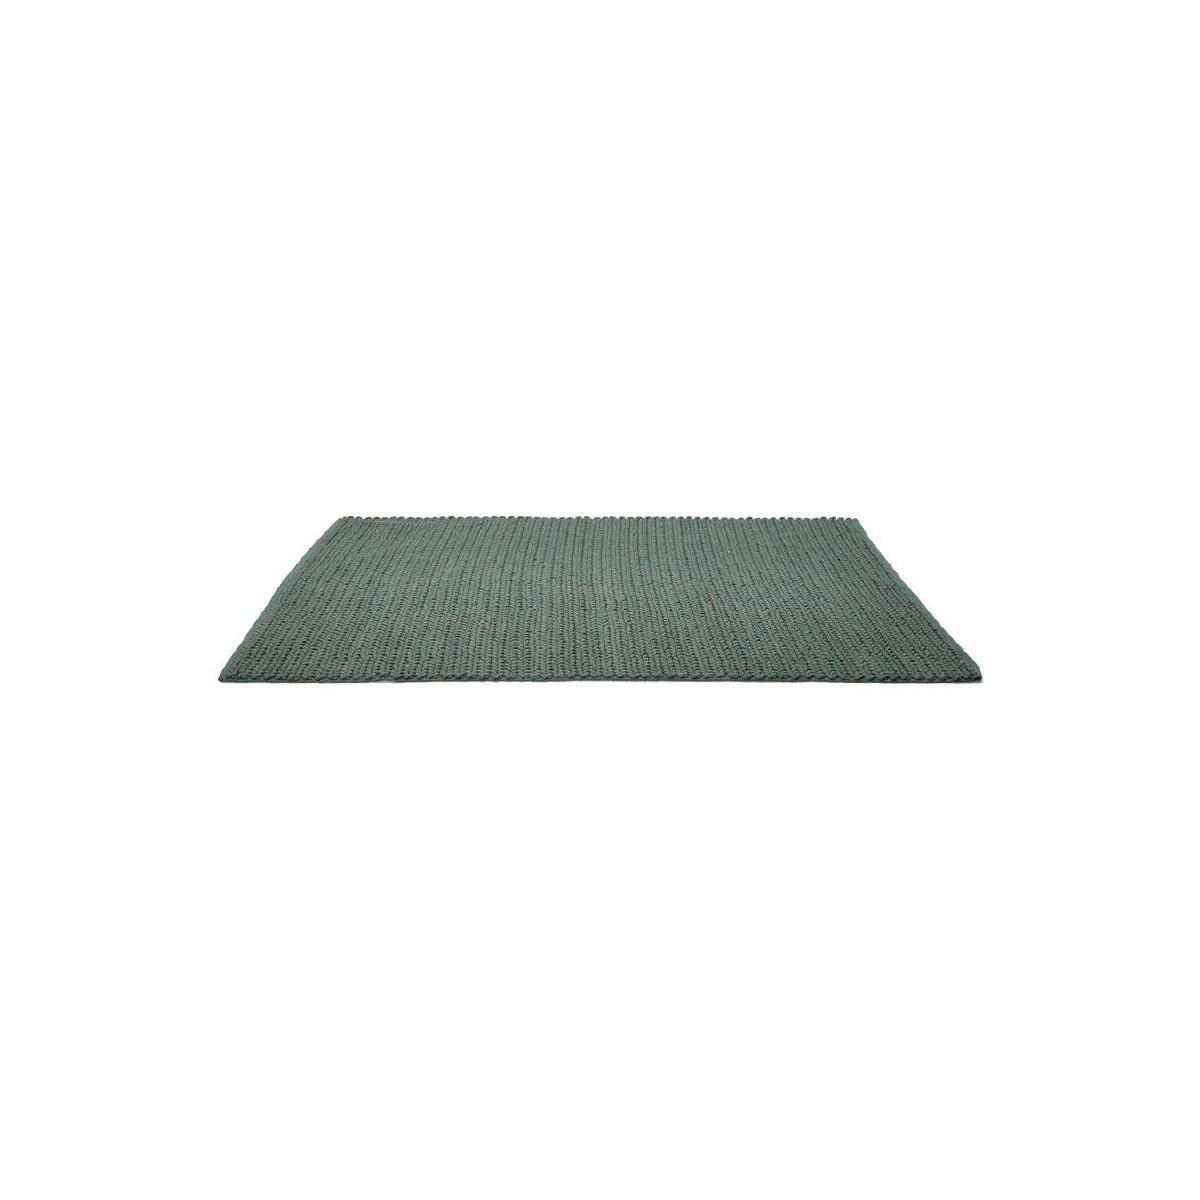 tapis design rectangulaire 230 cm x